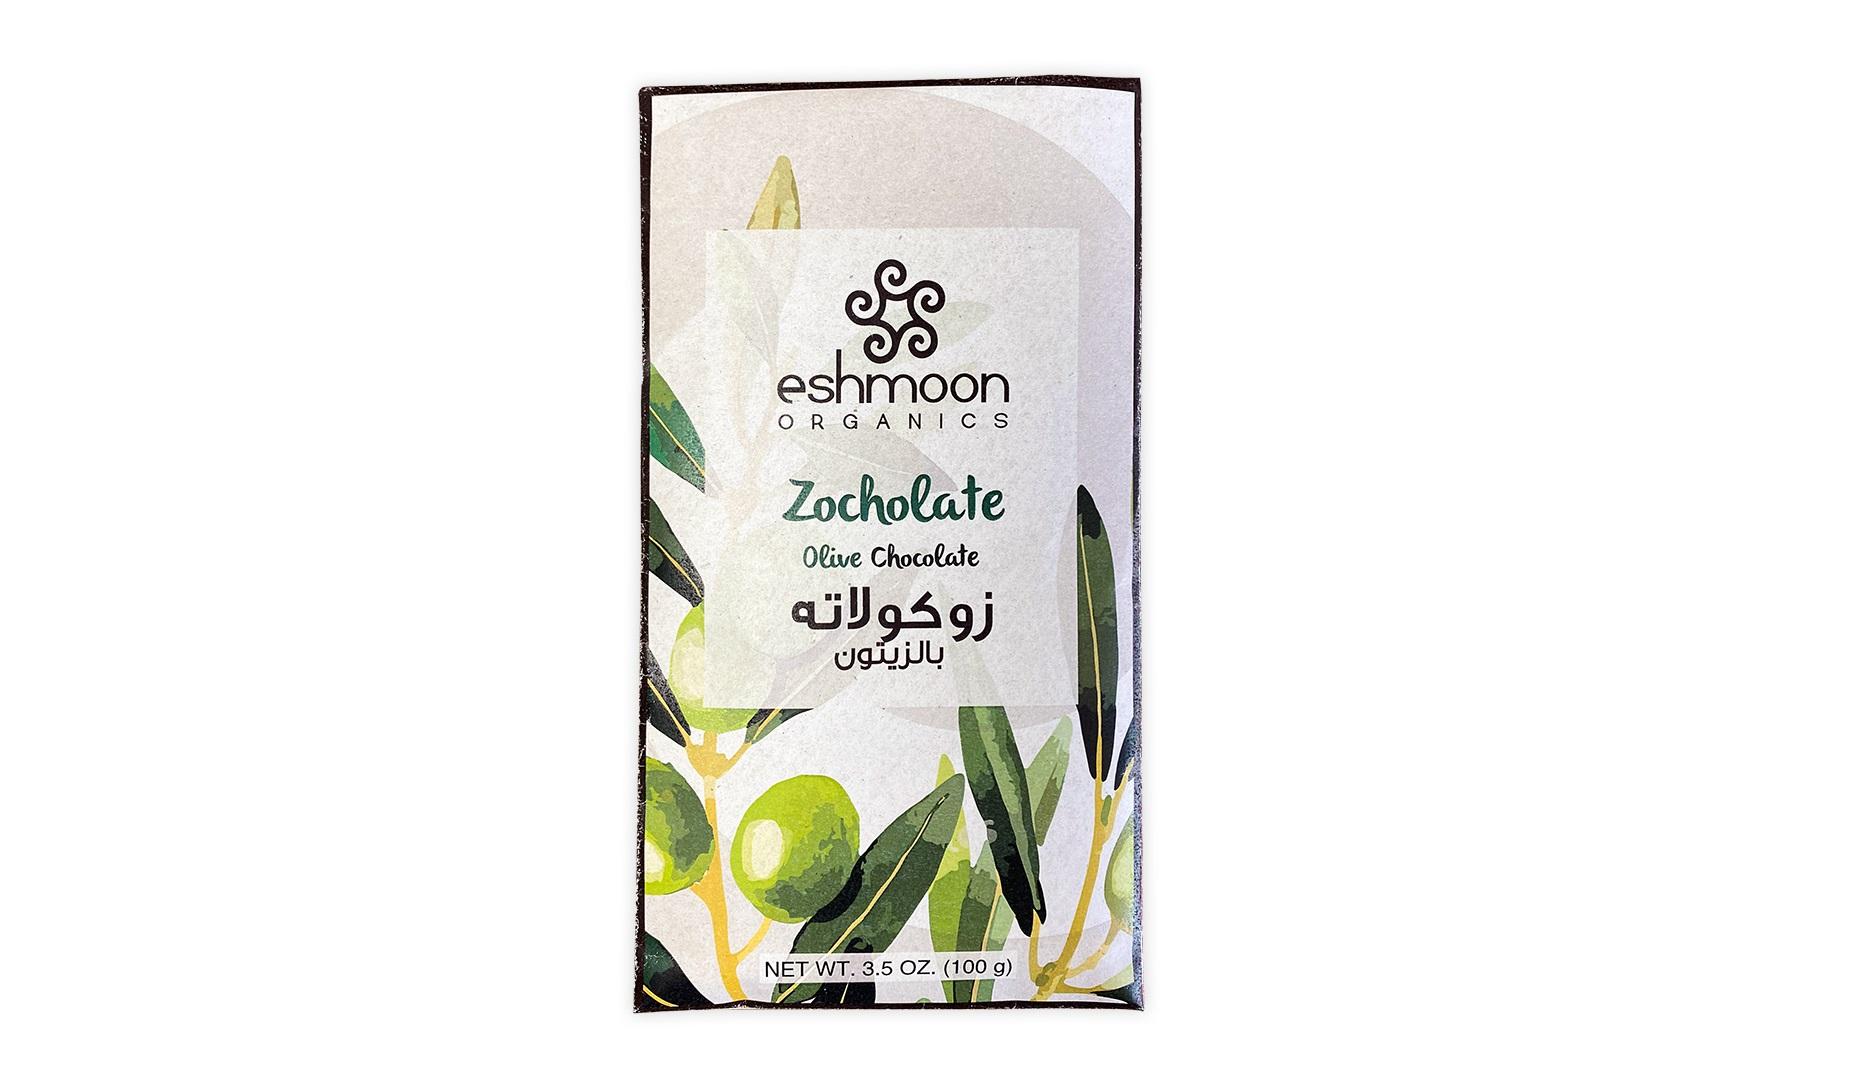 Eshmoon Zocholate Dark Chocolate 110g